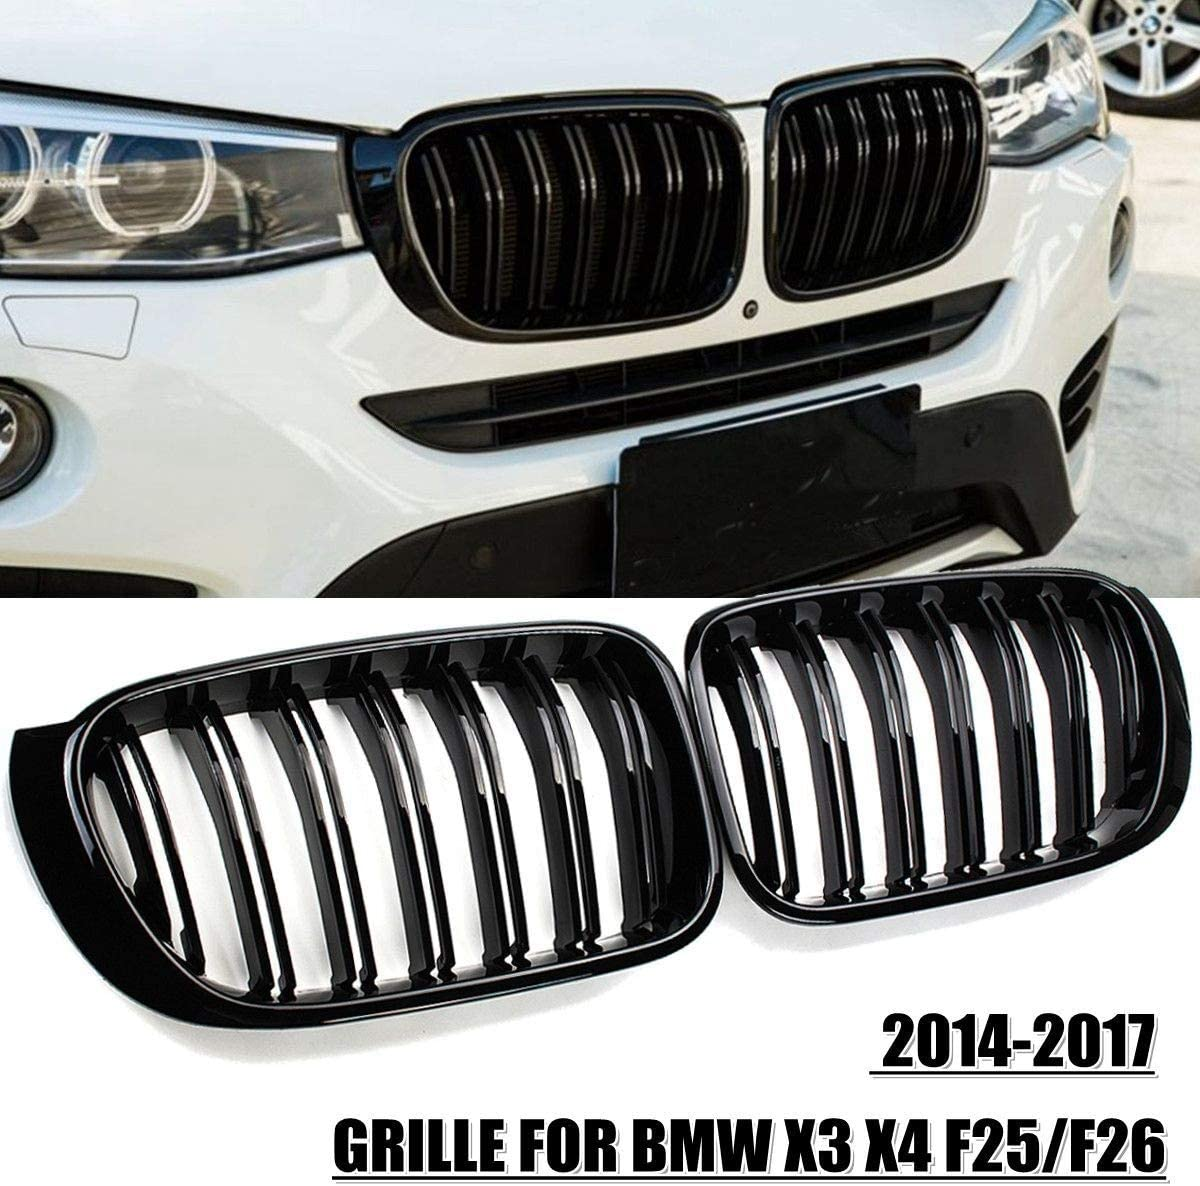 Shenme Sport K/ühler Grill Nieren 2X M-Art-Auto Frontgrill Grill Ineinander greifen-Netz-Ordnungs-Streifen-Abdeckung Gloss Black Double Line for BMW X3 X4 F25 F26 2014 2015 2016 2017